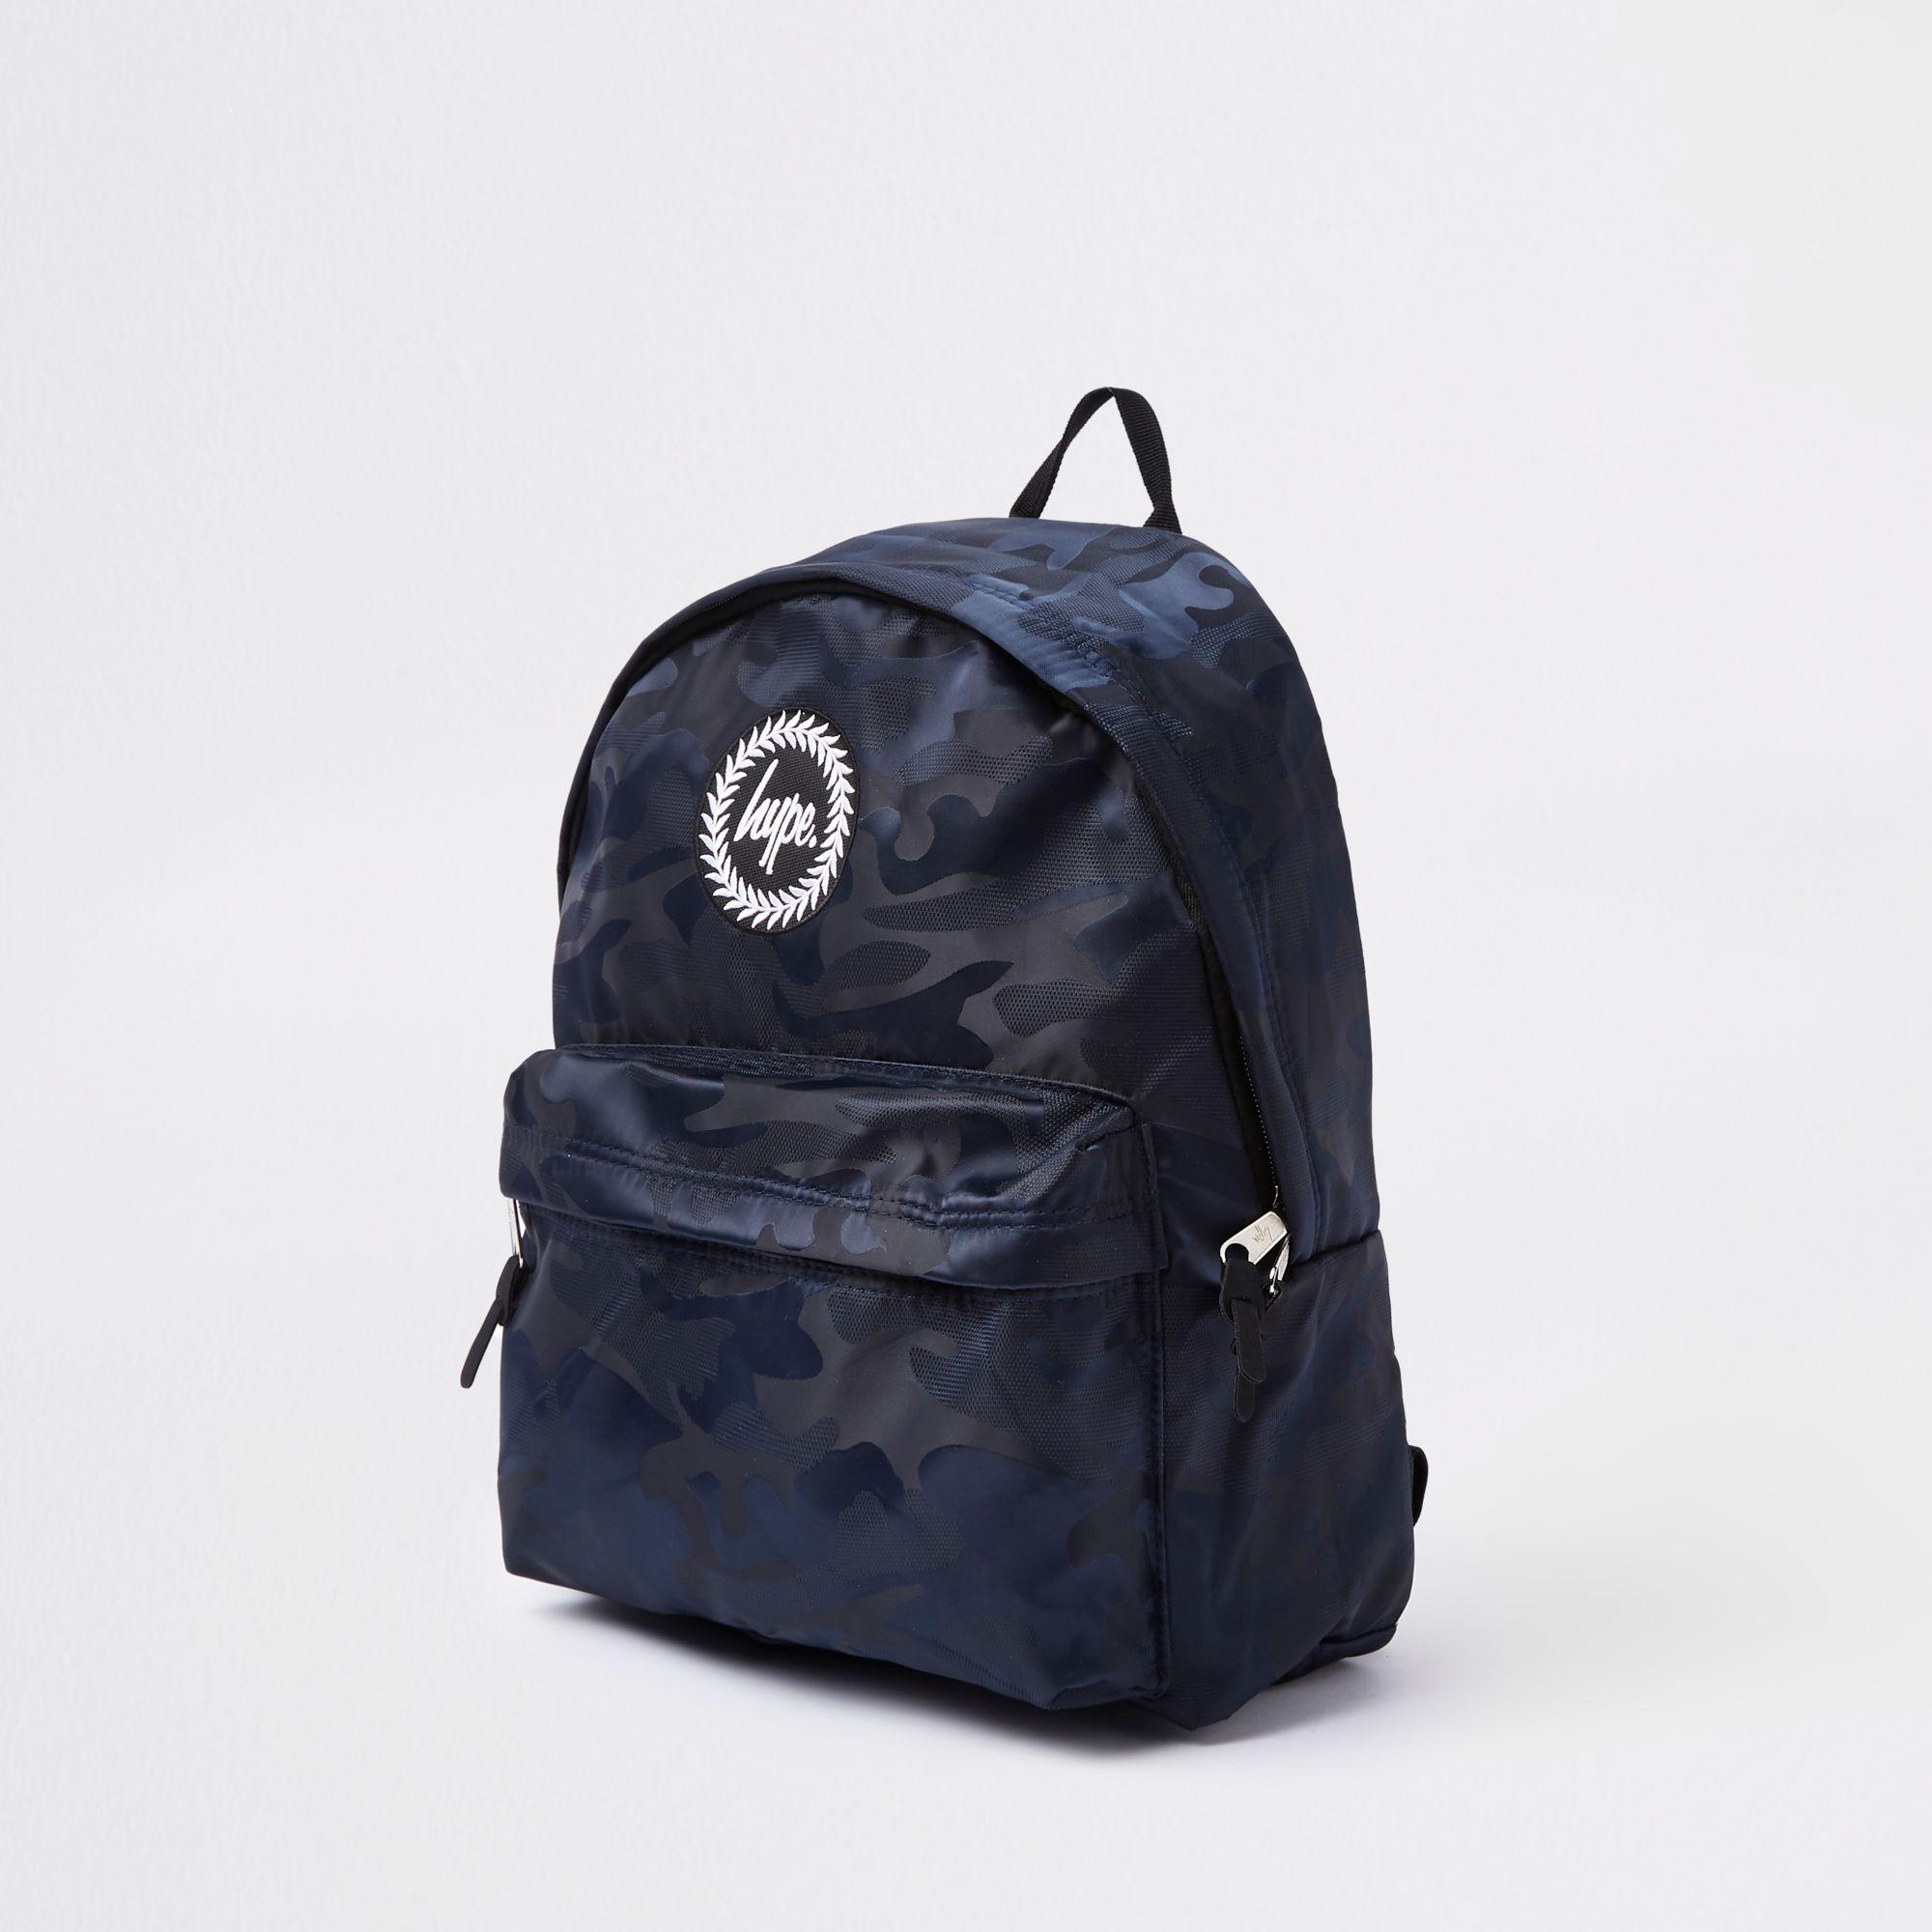 Hype - Black Camo Backpack for Men - Lyst. View fullscreen 5e5767d744094